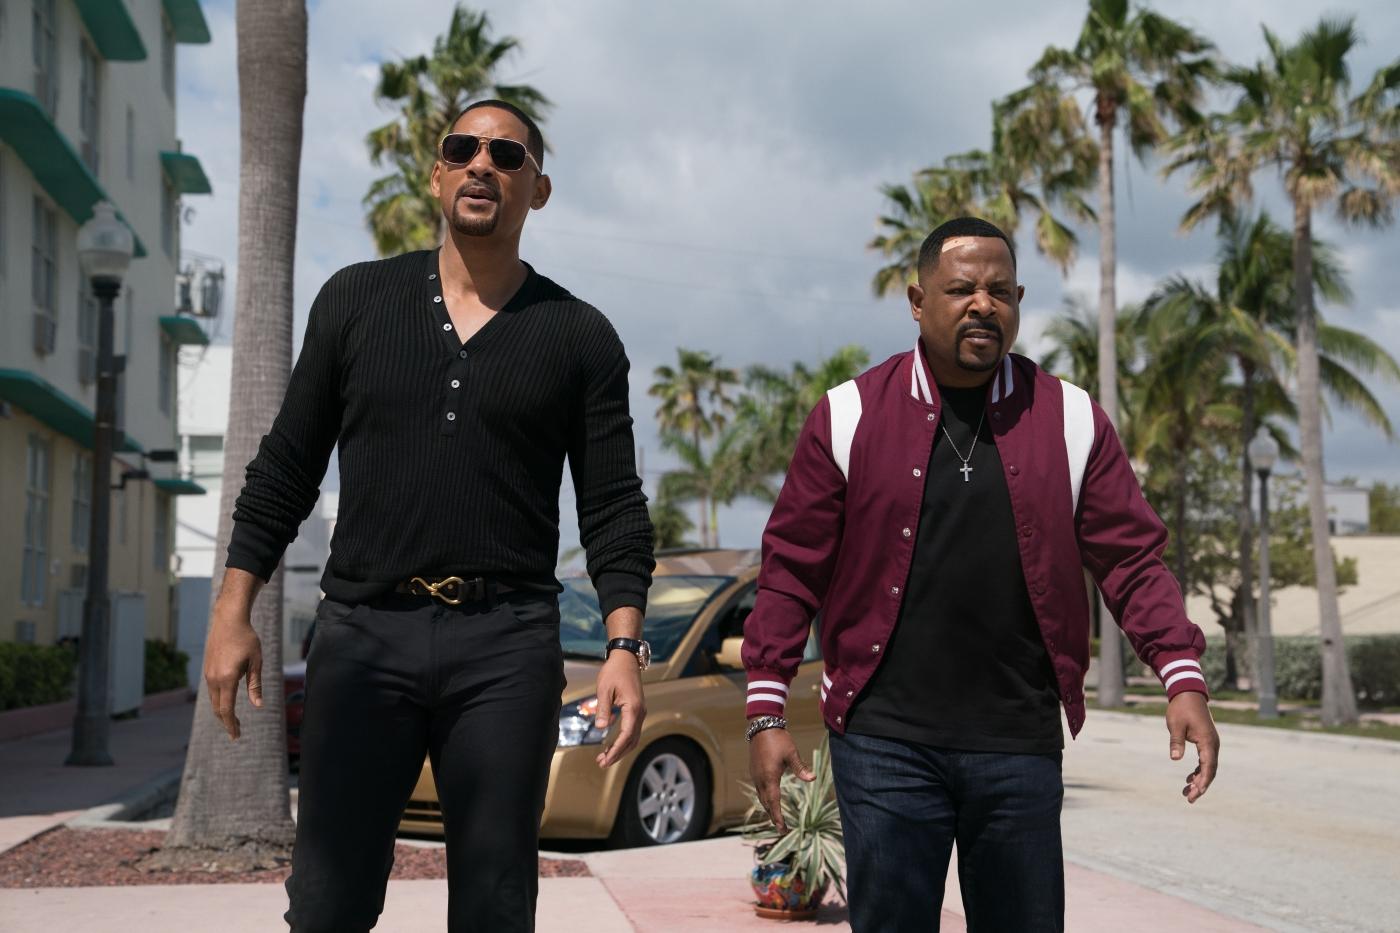 Die beiden bad Boys stehen auf der Straße vor einem Auto